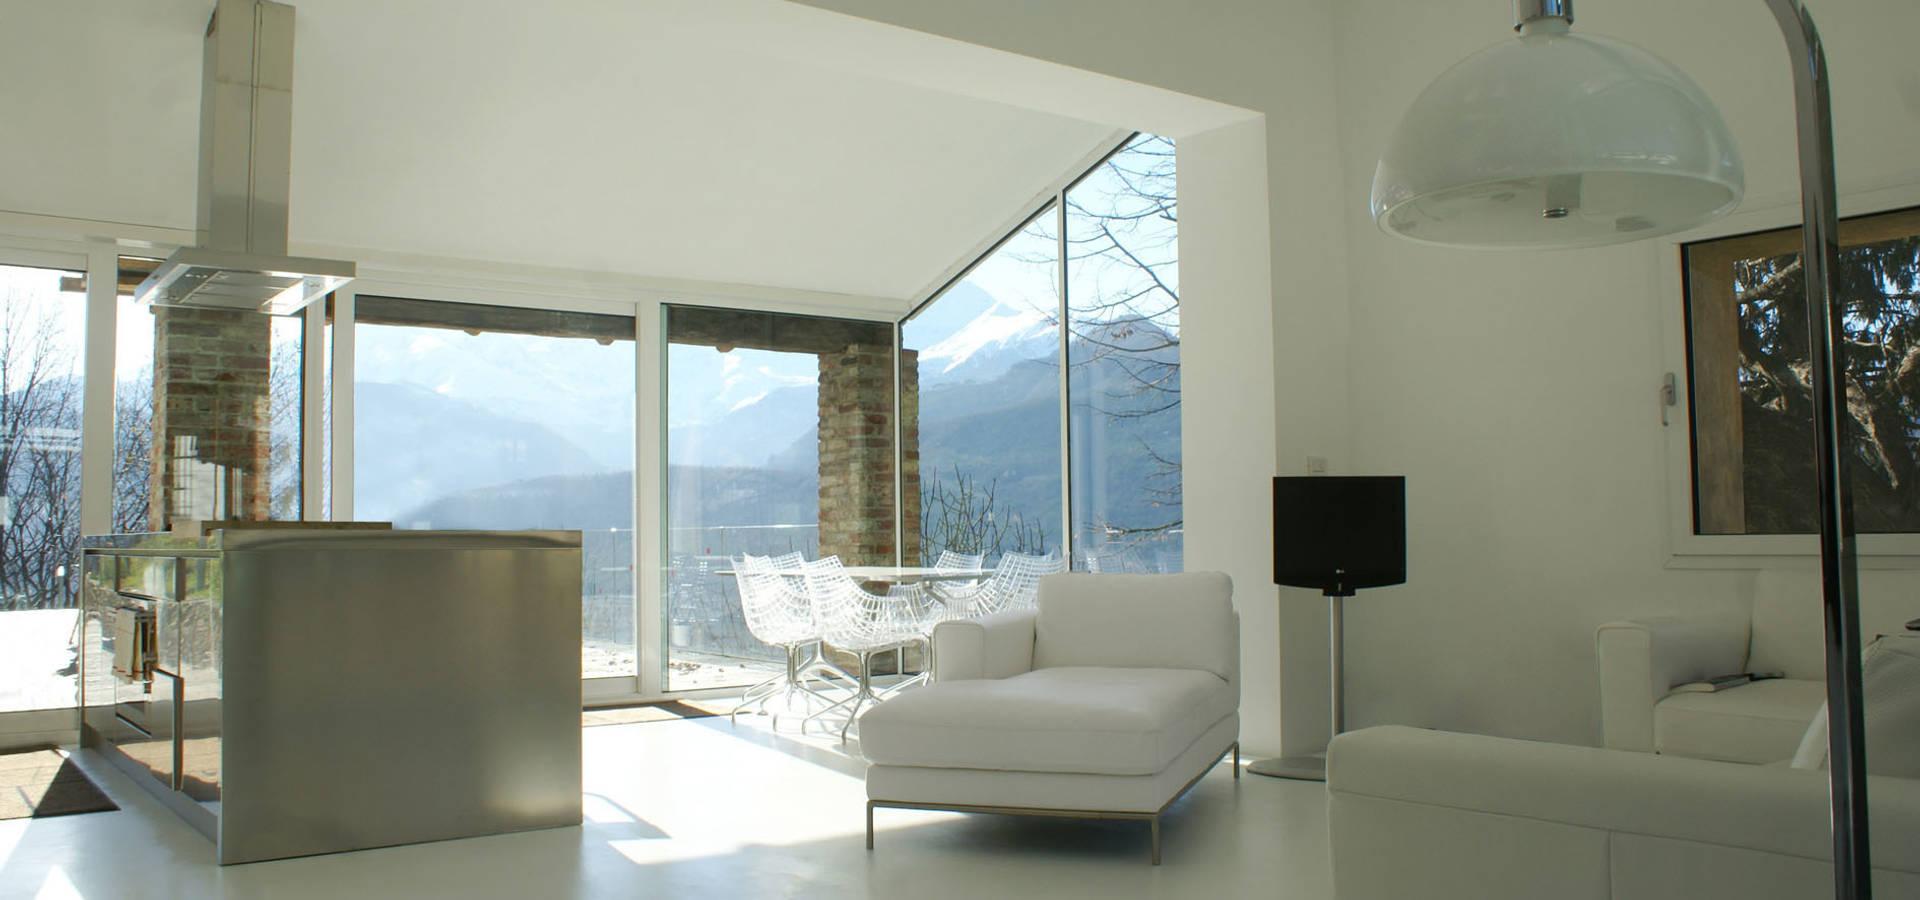 Dario Castellino Architetto